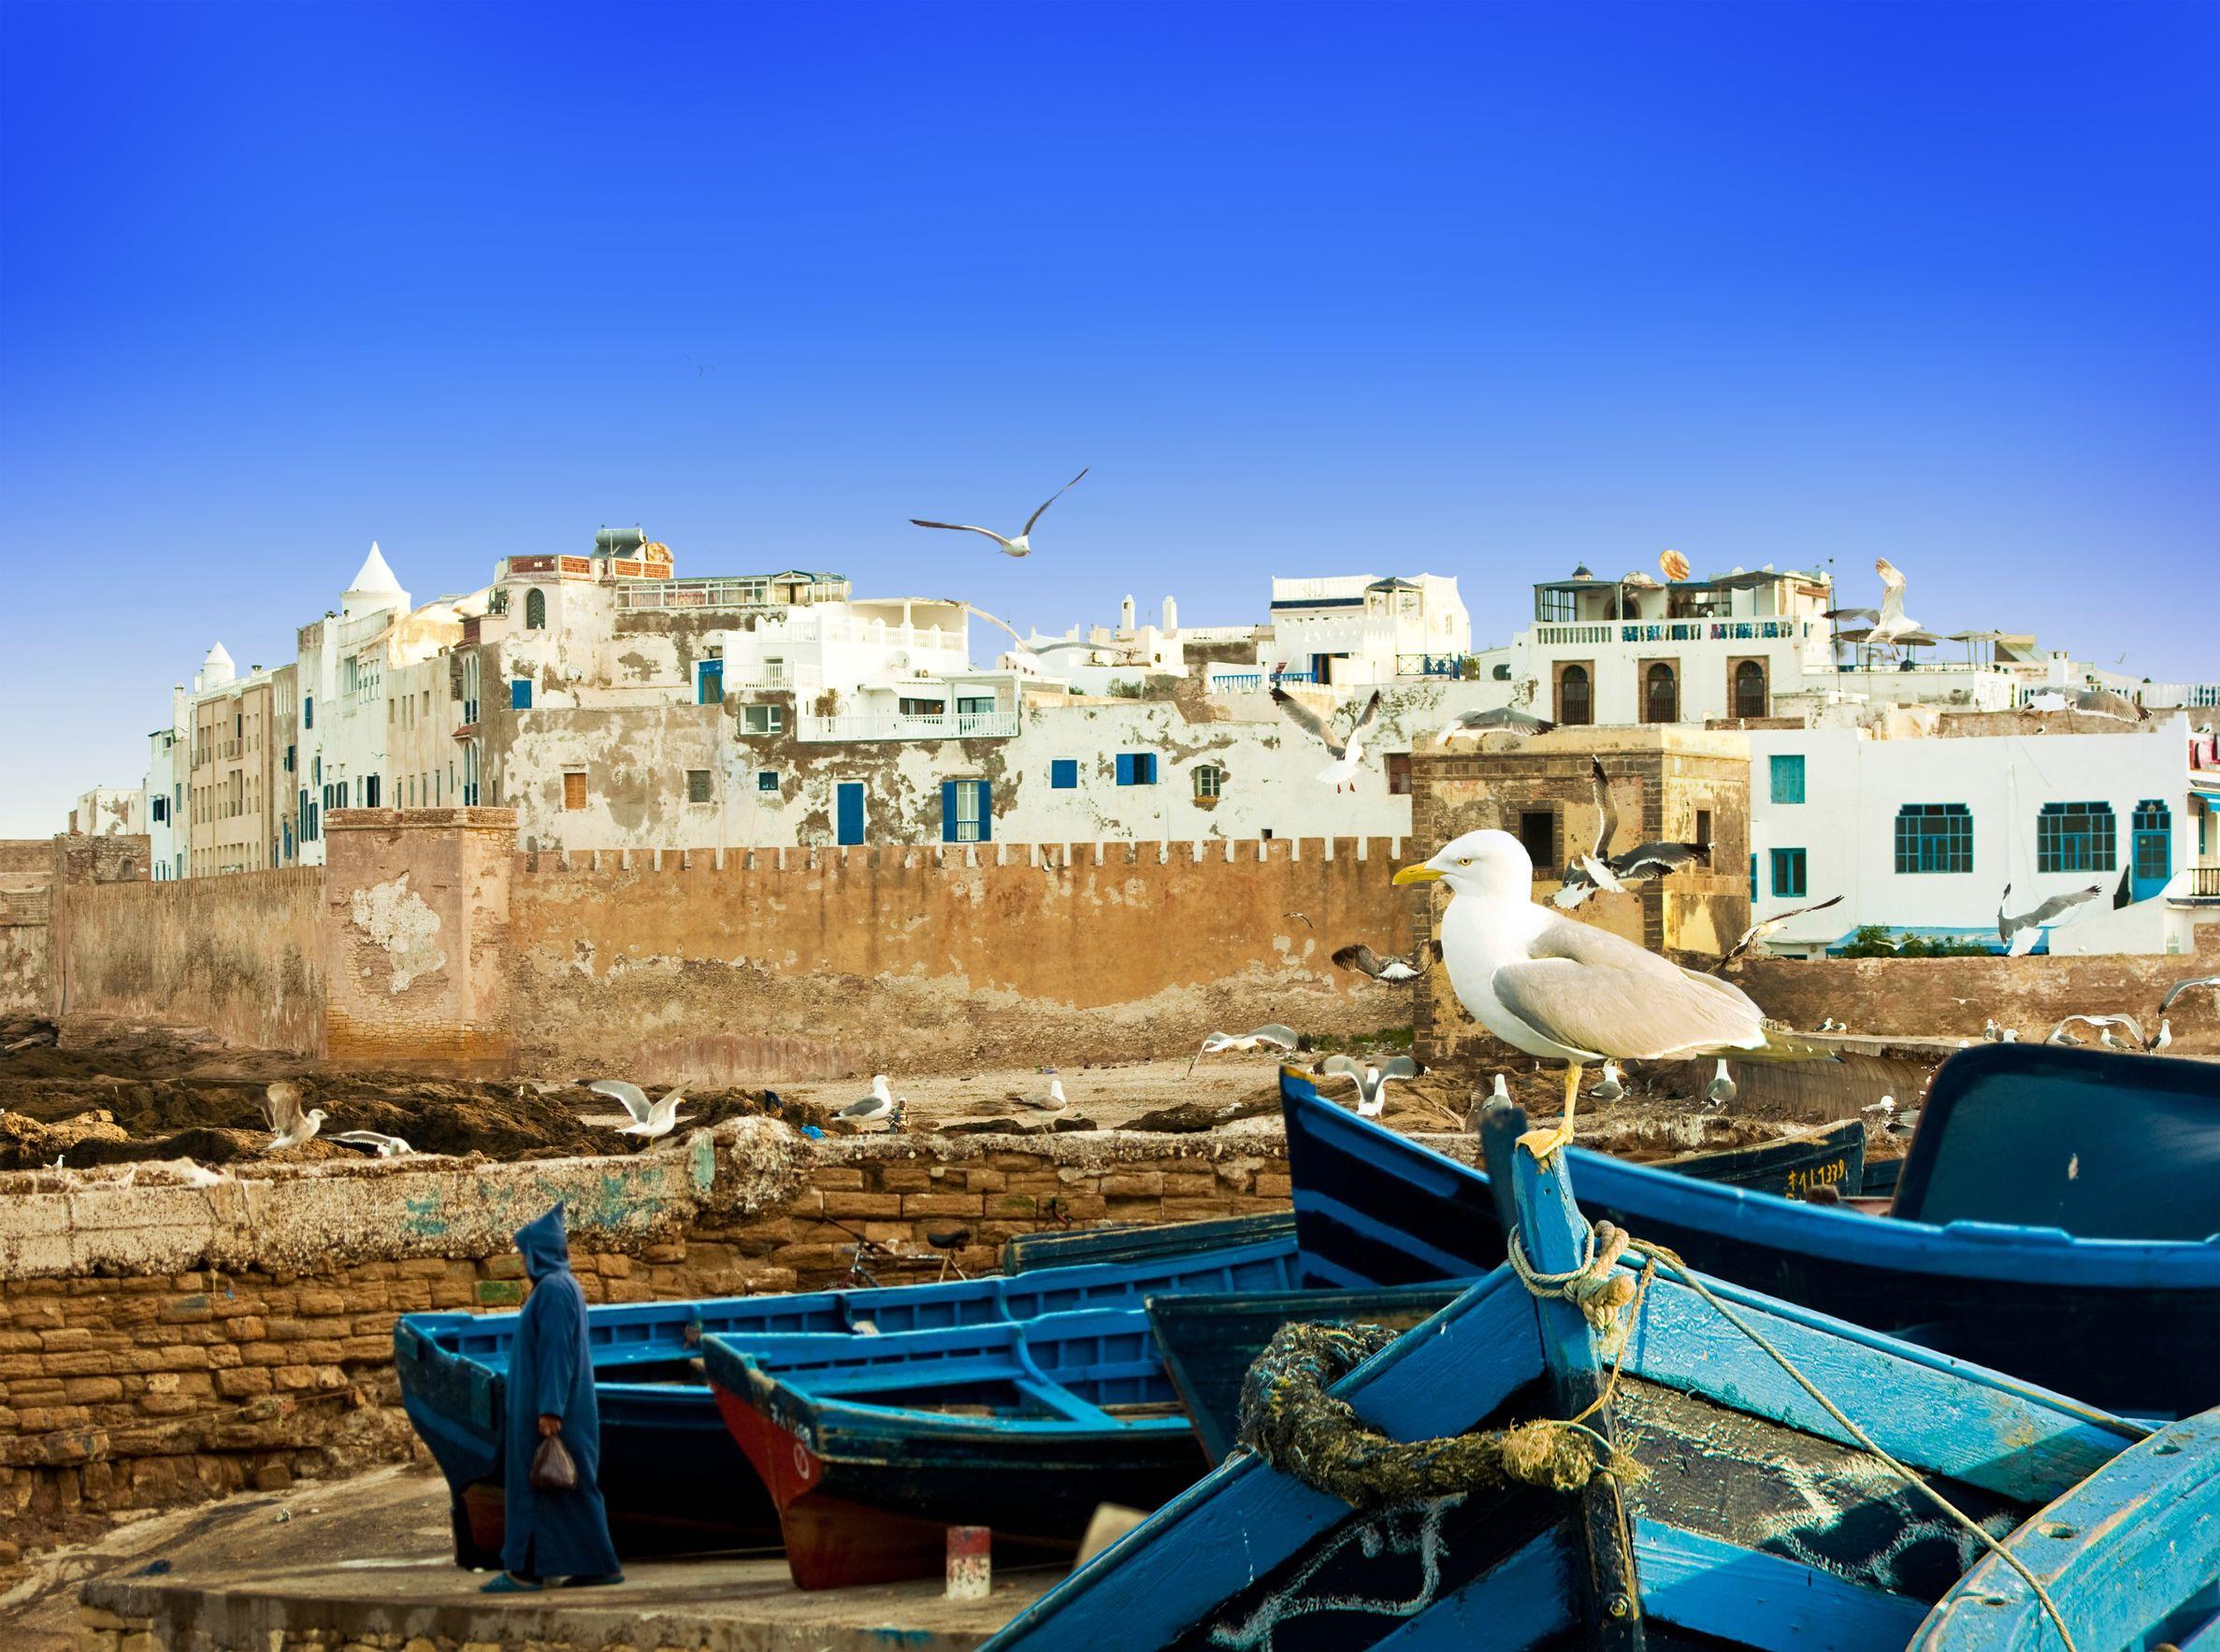 Ruta Marrakech y Essaouira » 5 días / 4 noches desde 331€ 4